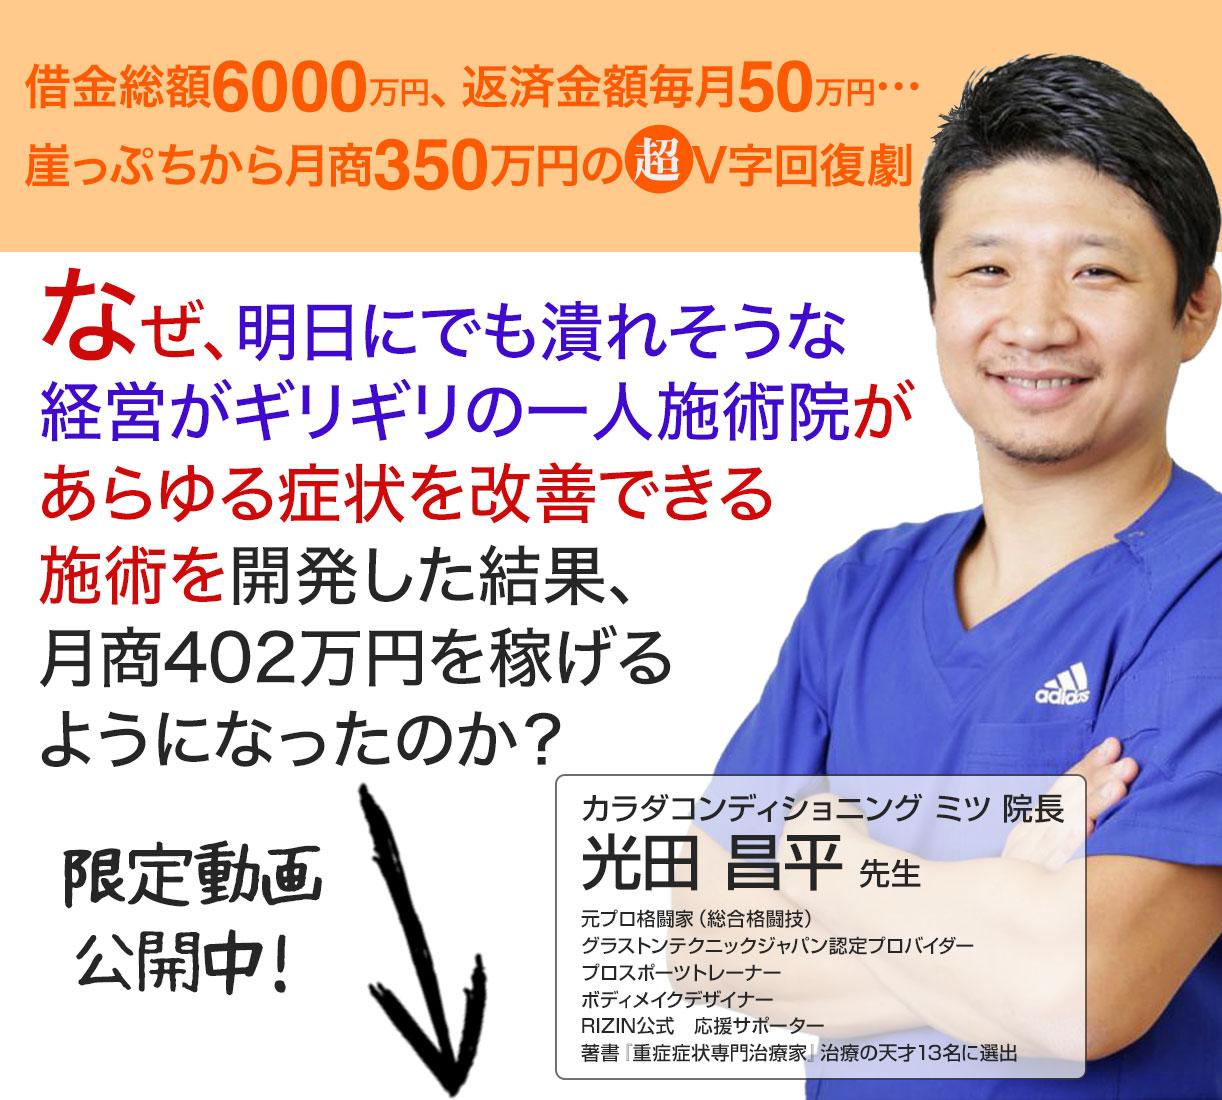 重症、原因不明の患者を根こそぎ改善する最新のテクニックを初公開!なぜ、月商30万円だった院がたった1年で月商300万円を軽々突破できたのか…?